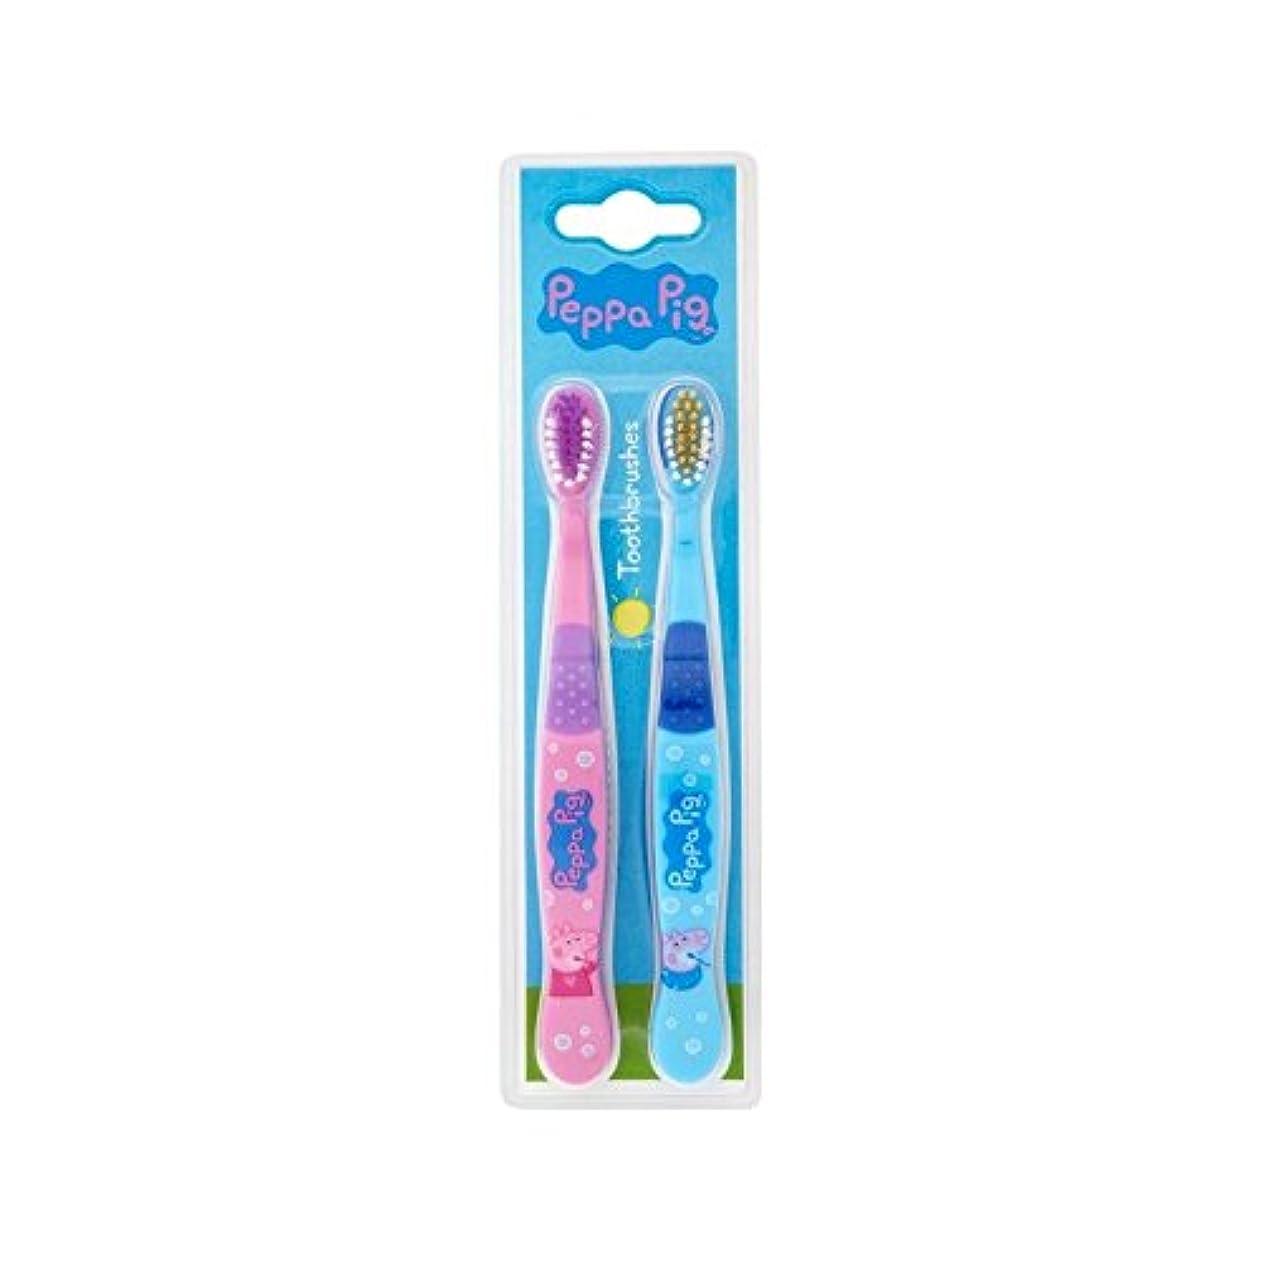 アクセントオートマトン砦1パックツイン歯ブラシ2 (Peppa Pig) (x 4) - Peppa Pig Twin Toothbrush 2 per pack (Pack of 4) [並行輸入品]